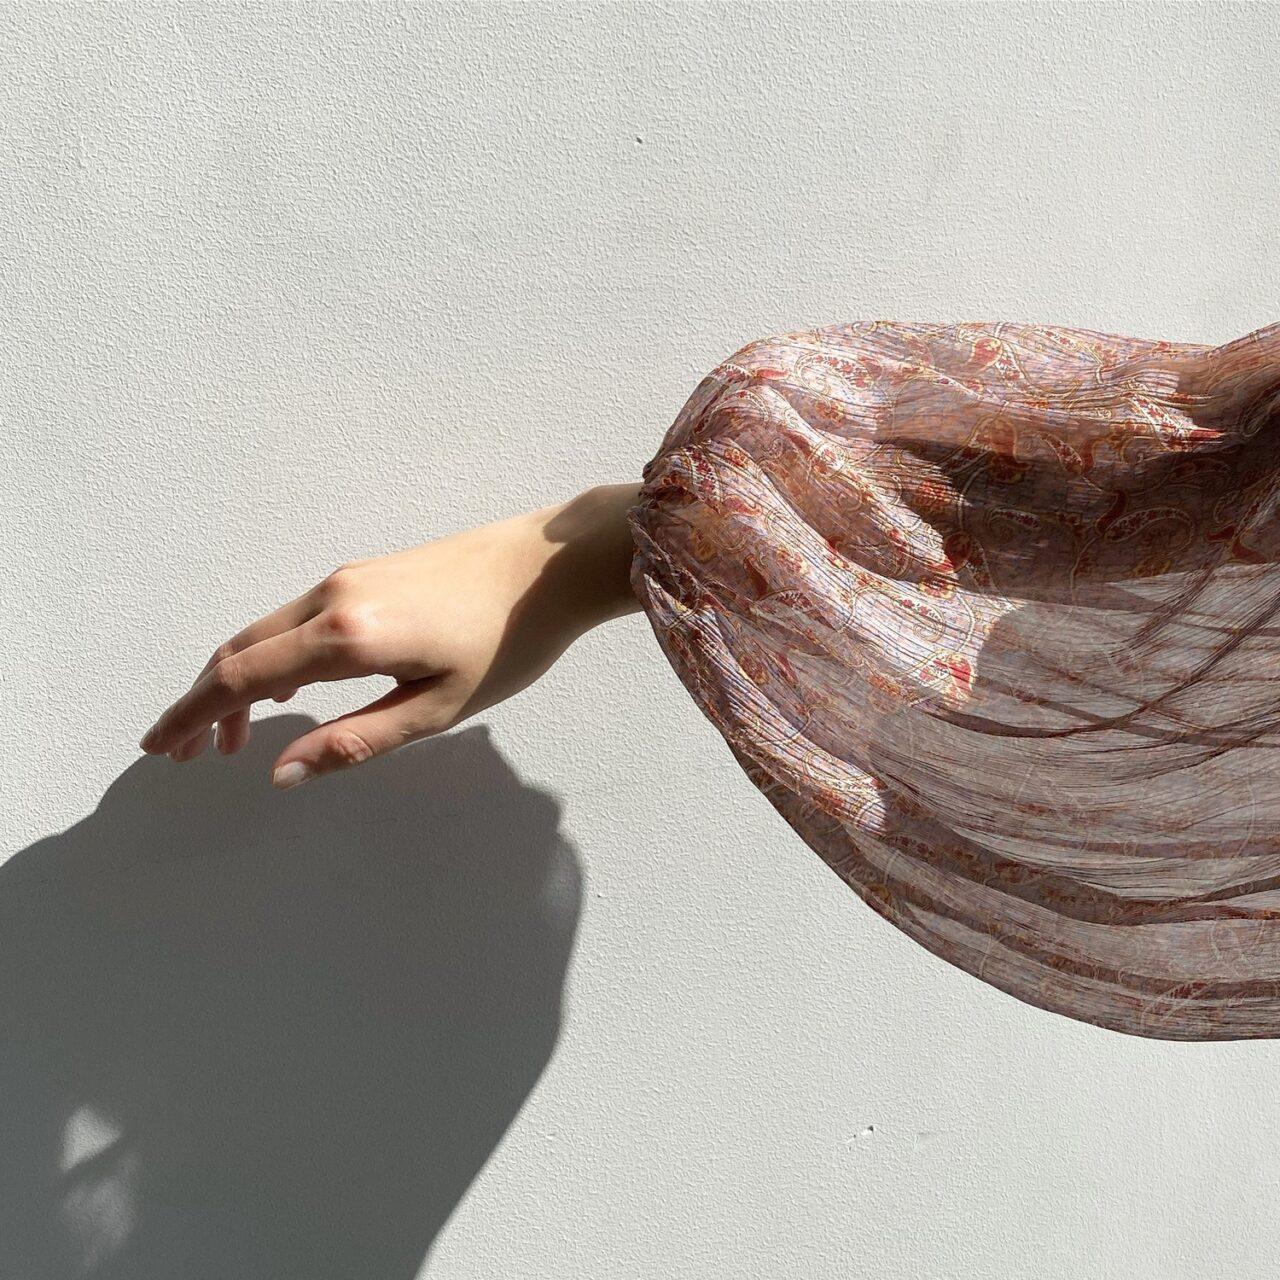 透けた服を着た女性の手先